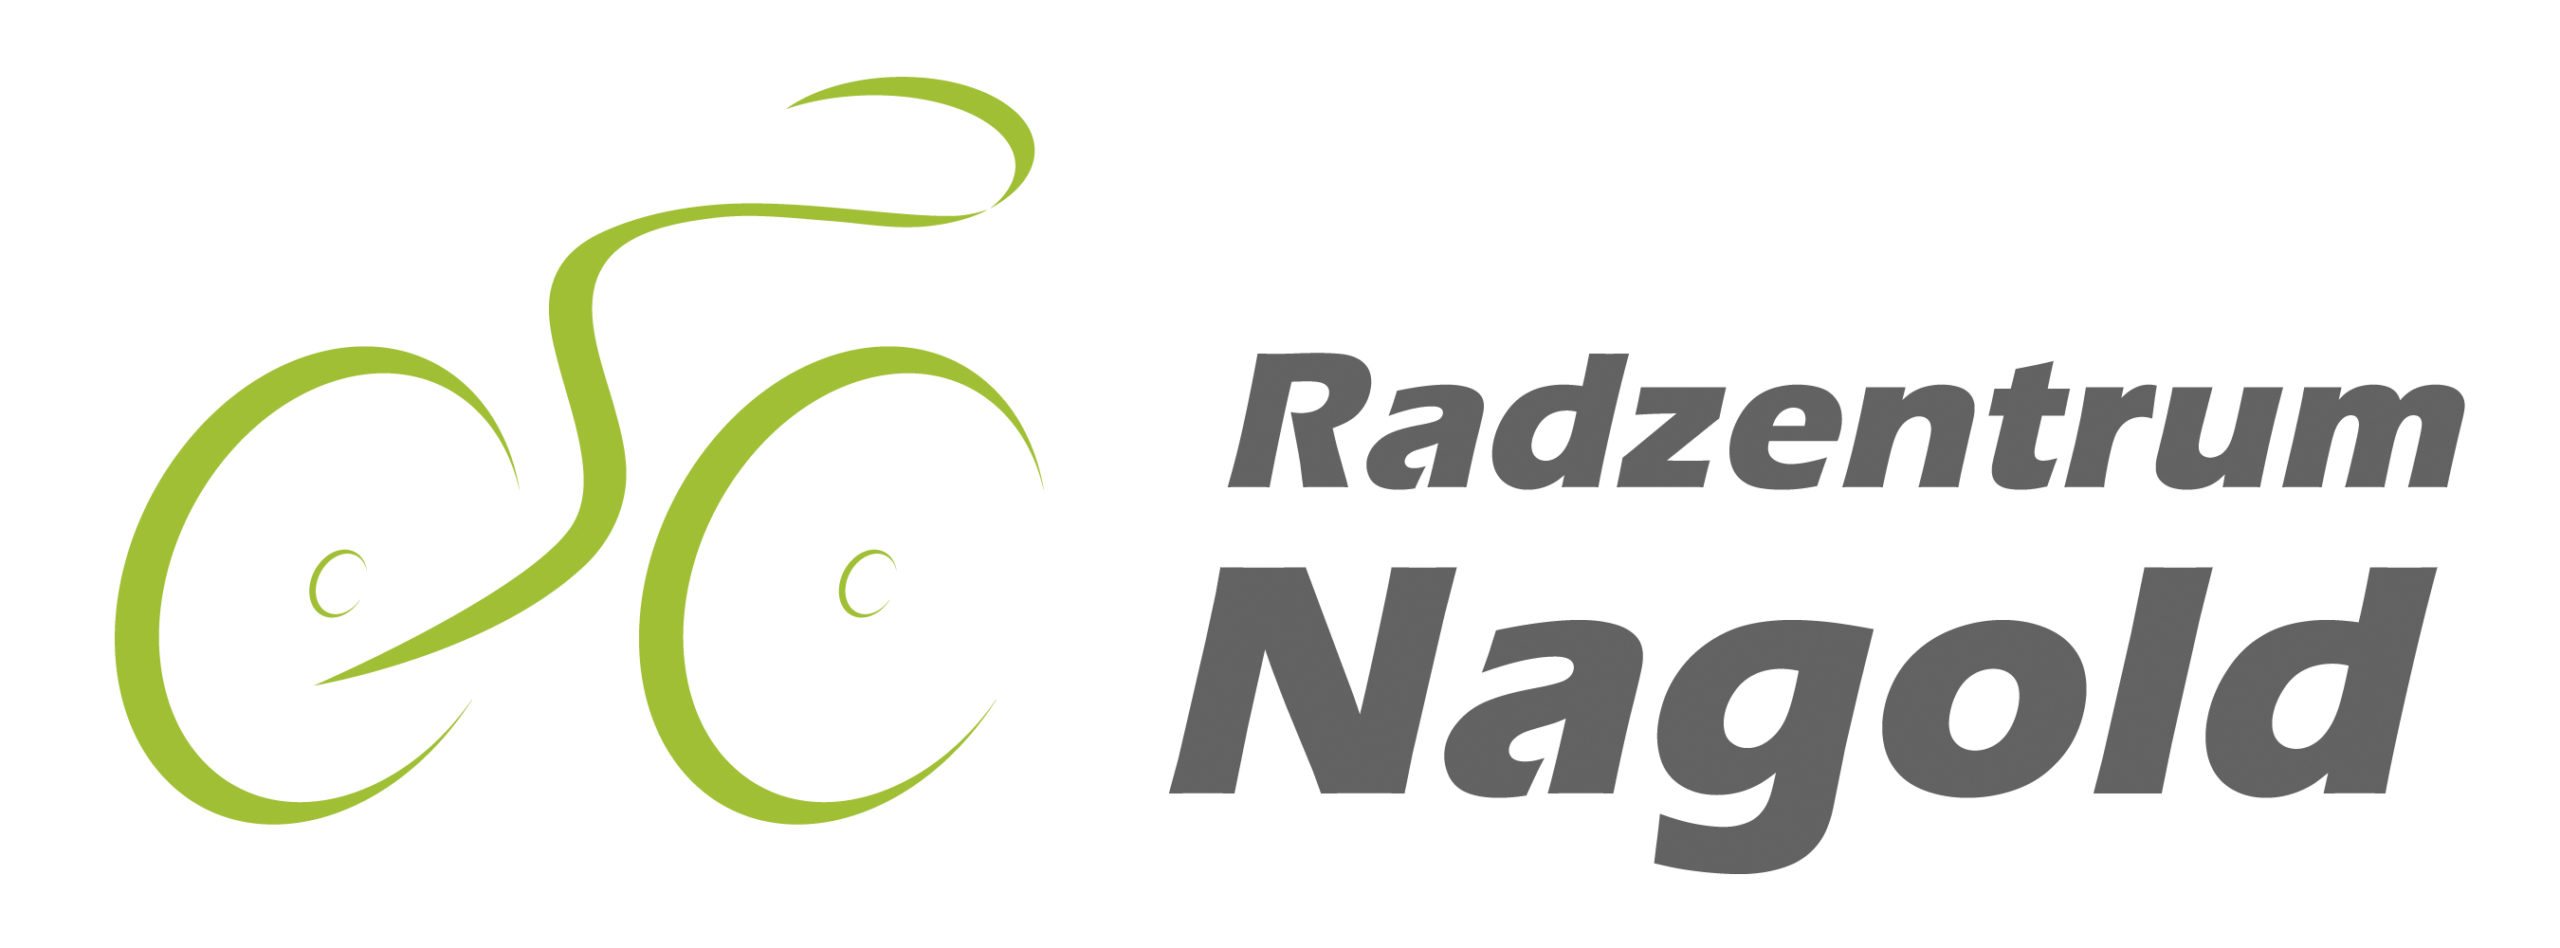 Radzentrum Nagold